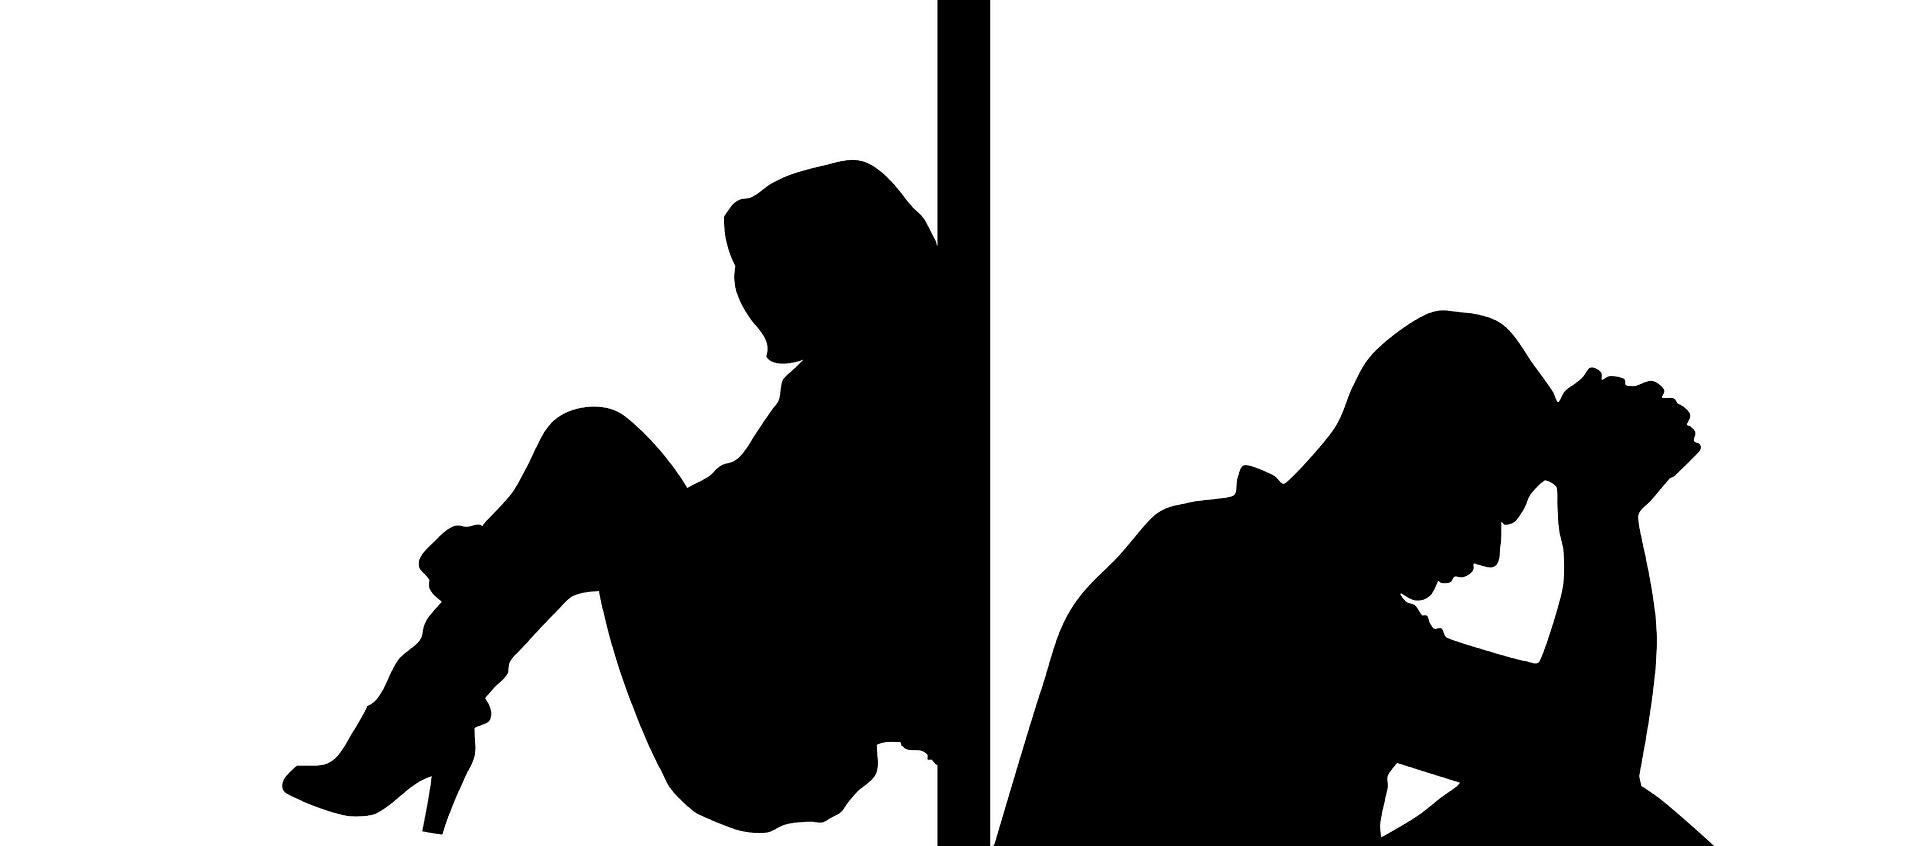 Die Beziehung beenden und die Trennung gestalten (c) Tumisu / pixabay.de